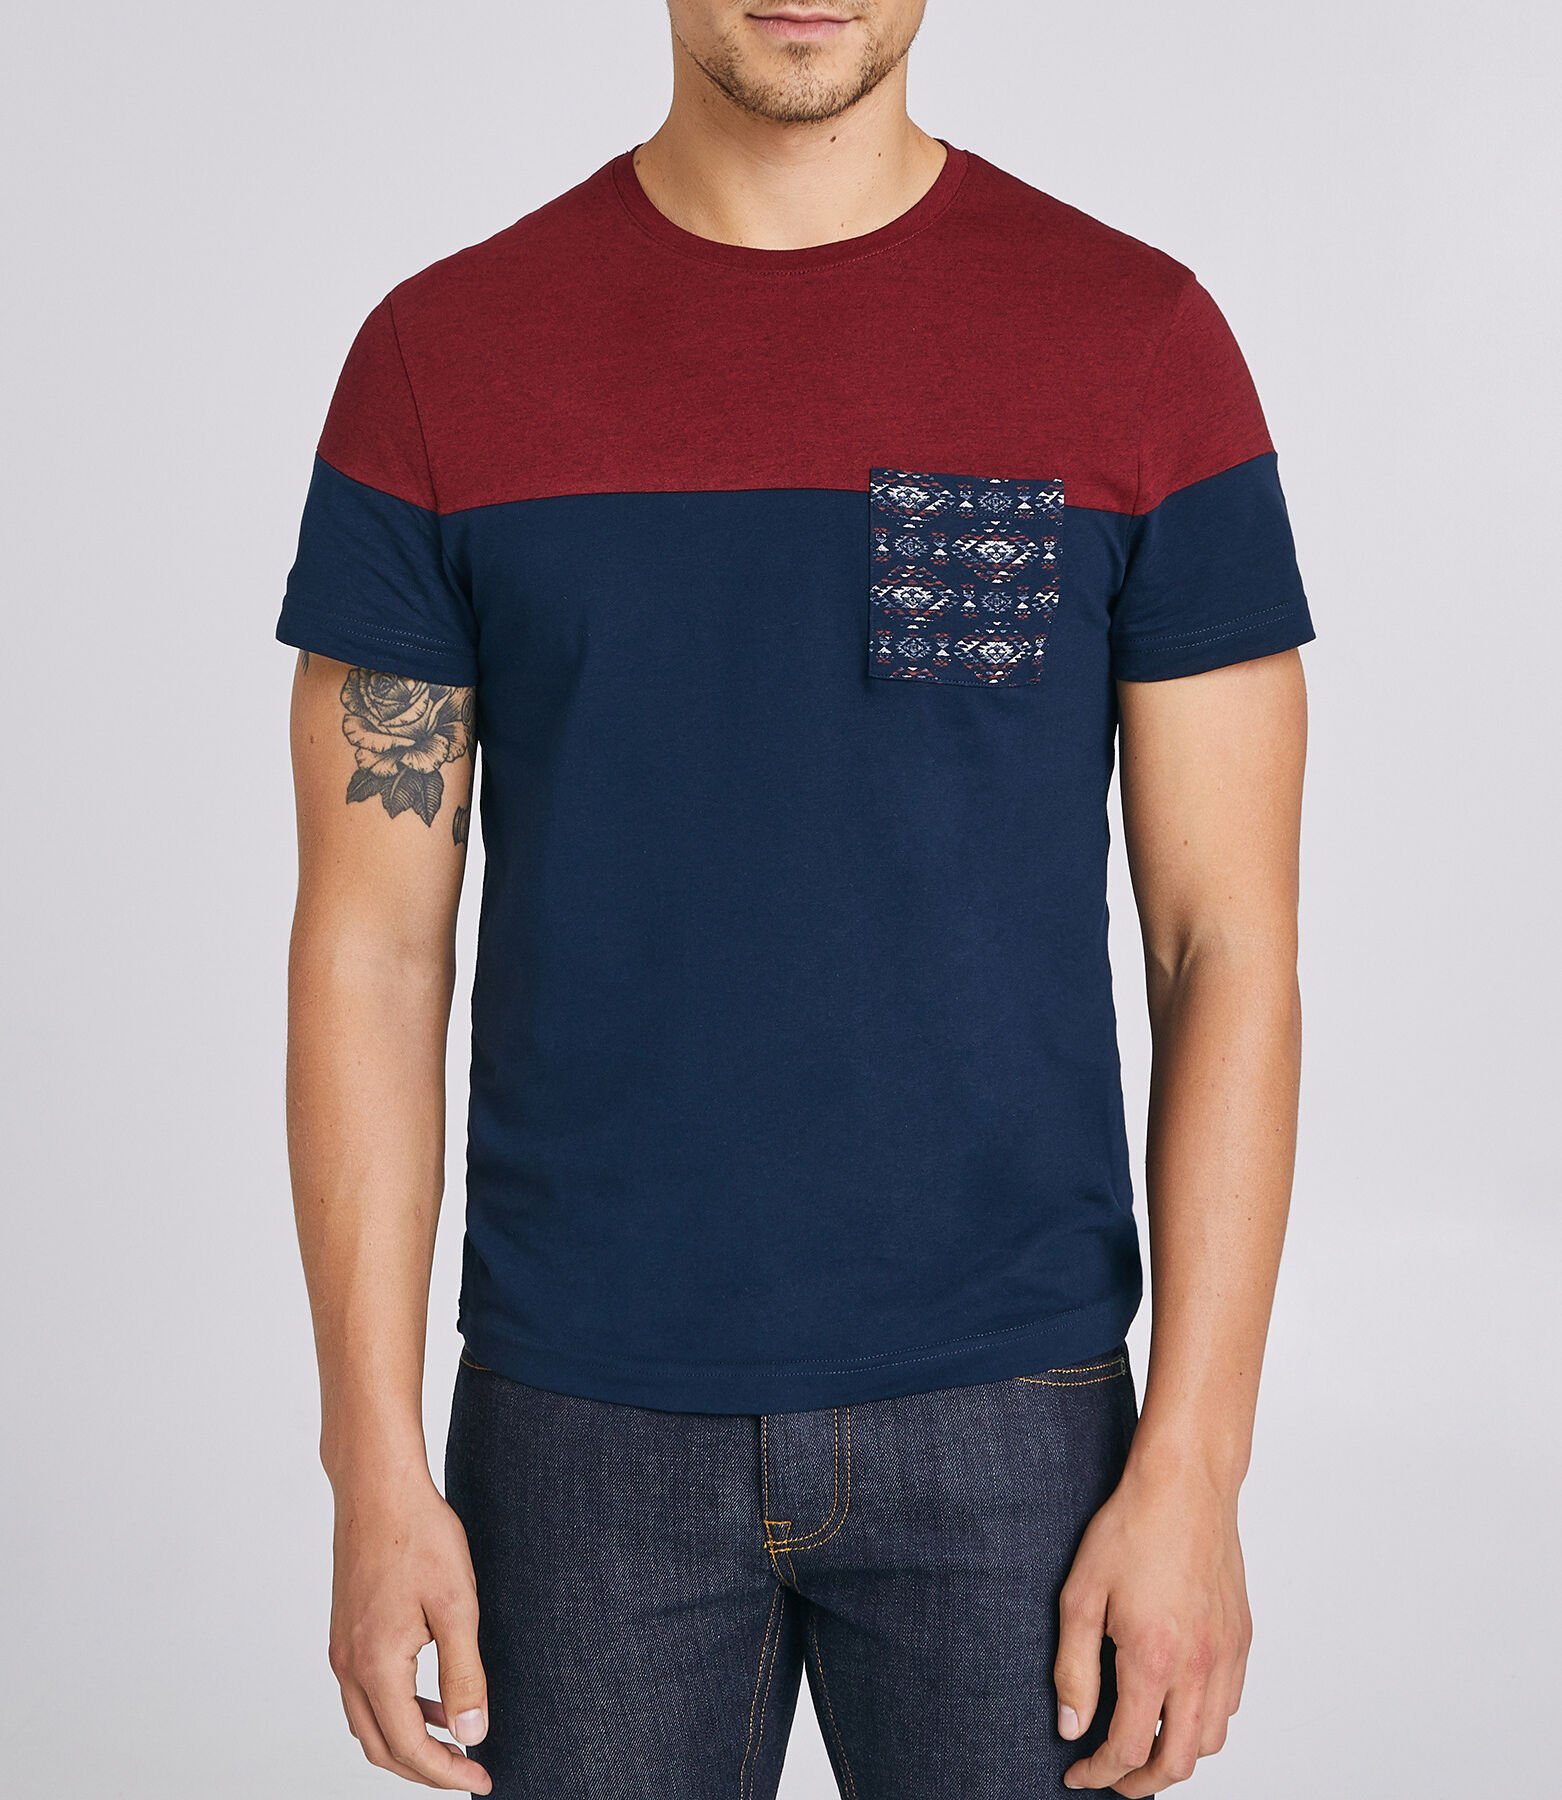 T-Shirt Bordeau Fantaisie